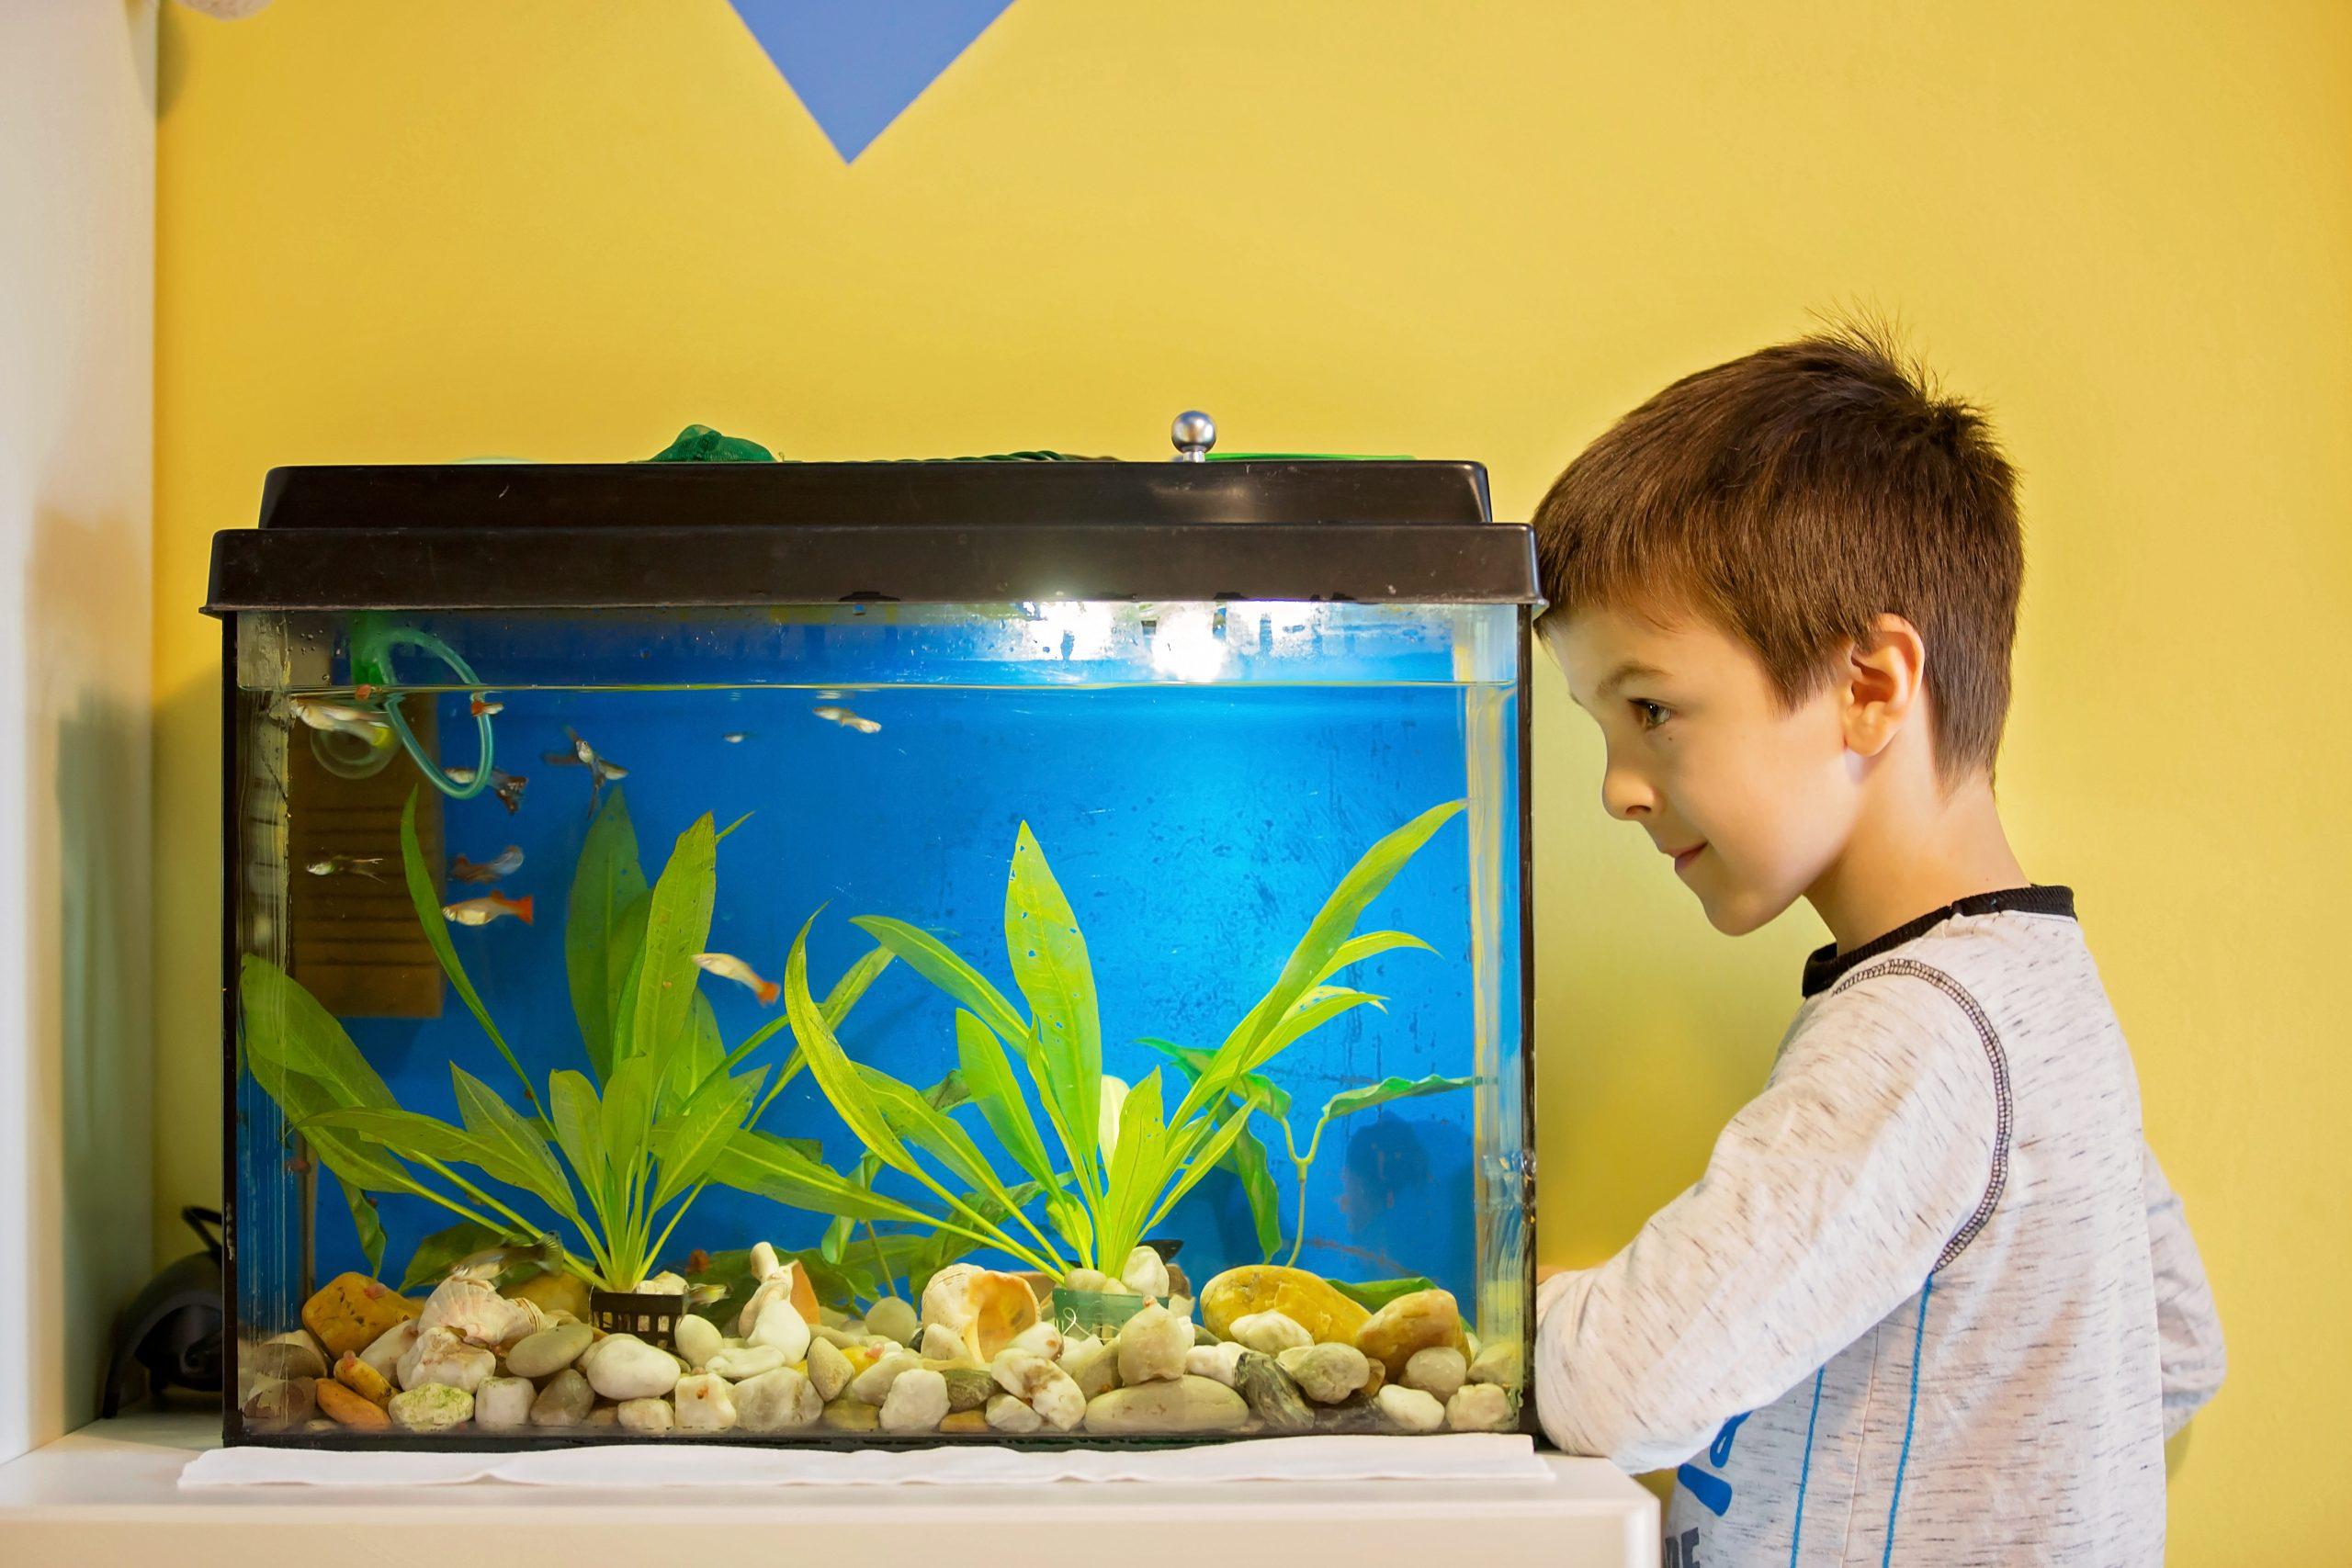 Fischfutterautomat: Test & Empfehlungen (09/20)